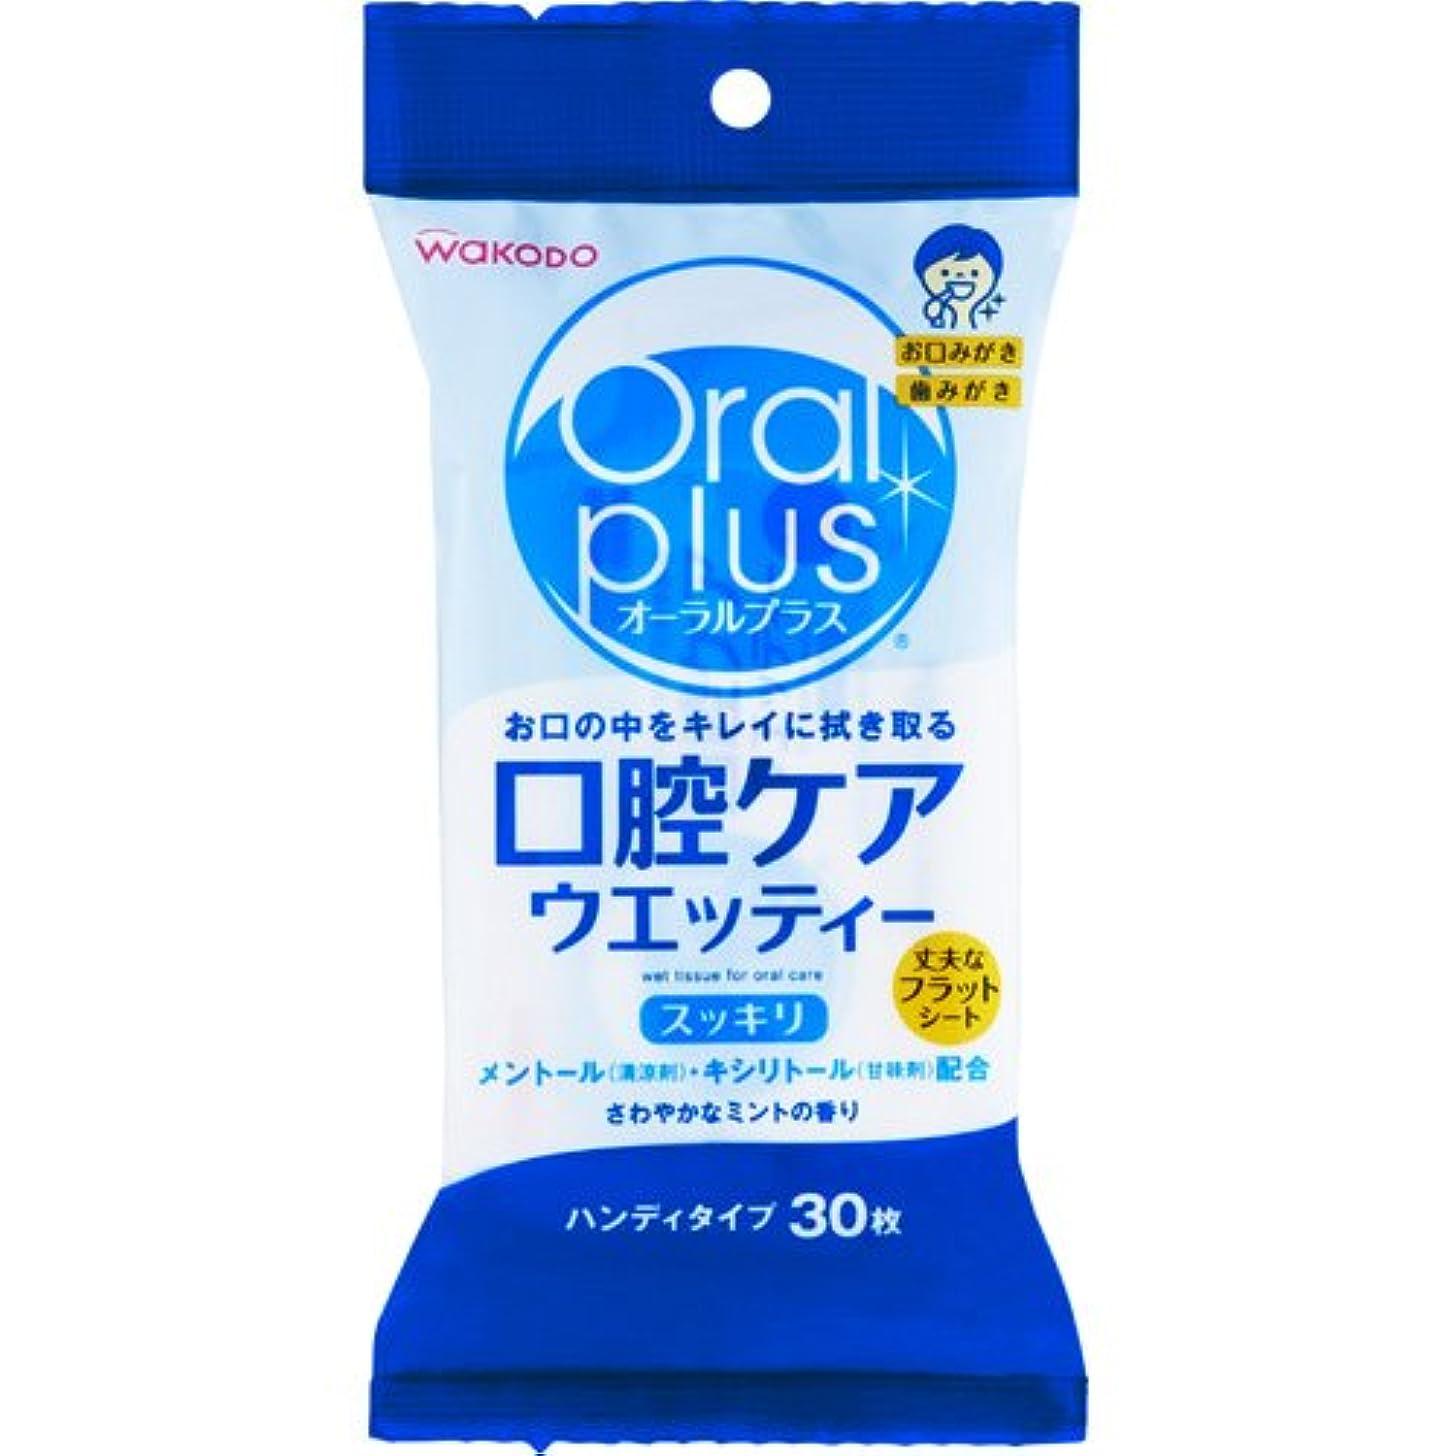 韓国柔和整理するオーラルプラス 口腔ケアウエッティー ミントの香り 30枚入 1ケース(24個入)